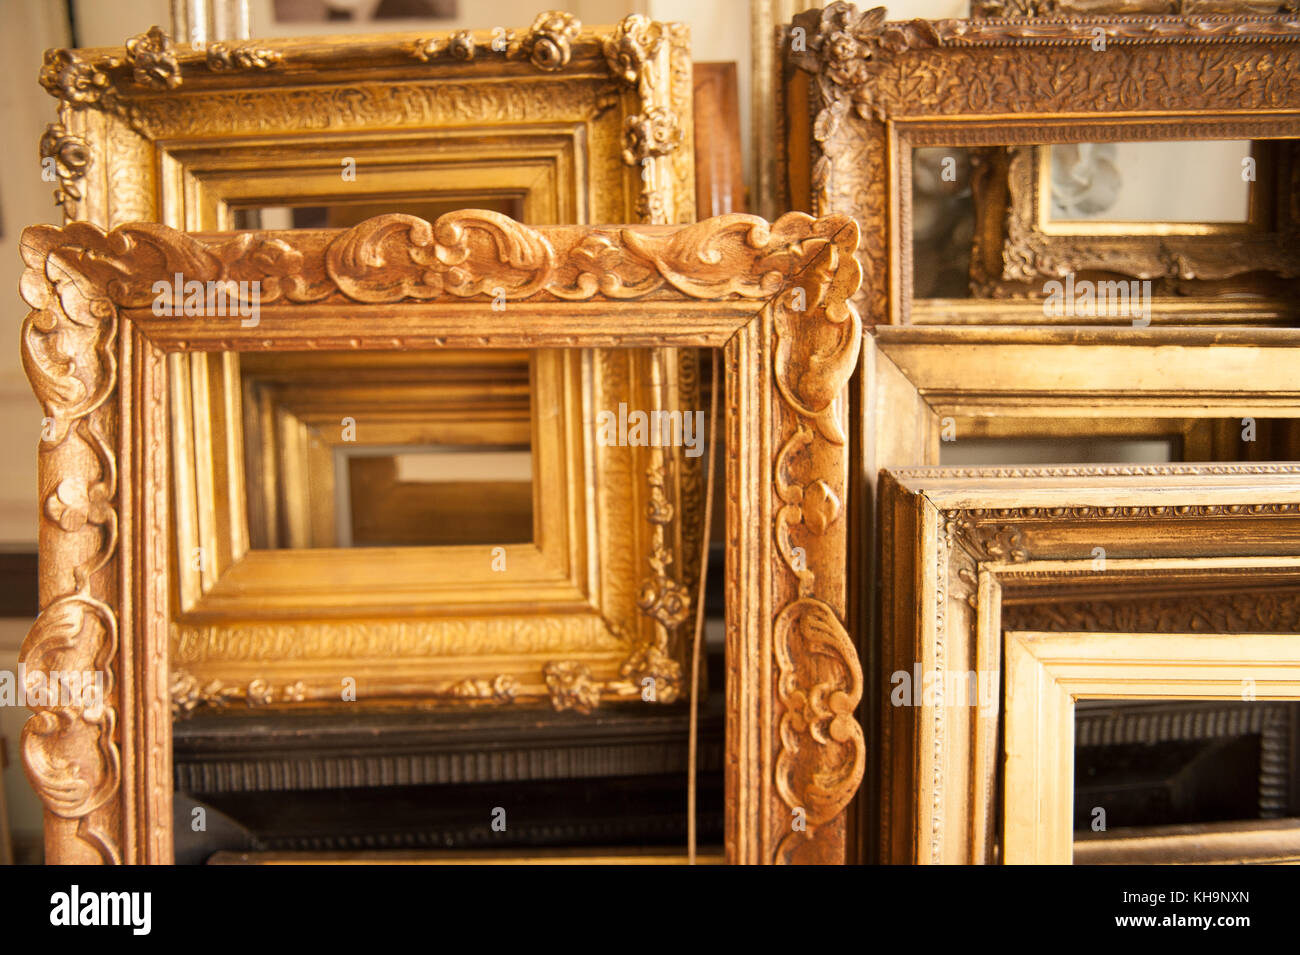 Colección de clásicos dorados grandes hojas de oro marcos de imagen ...